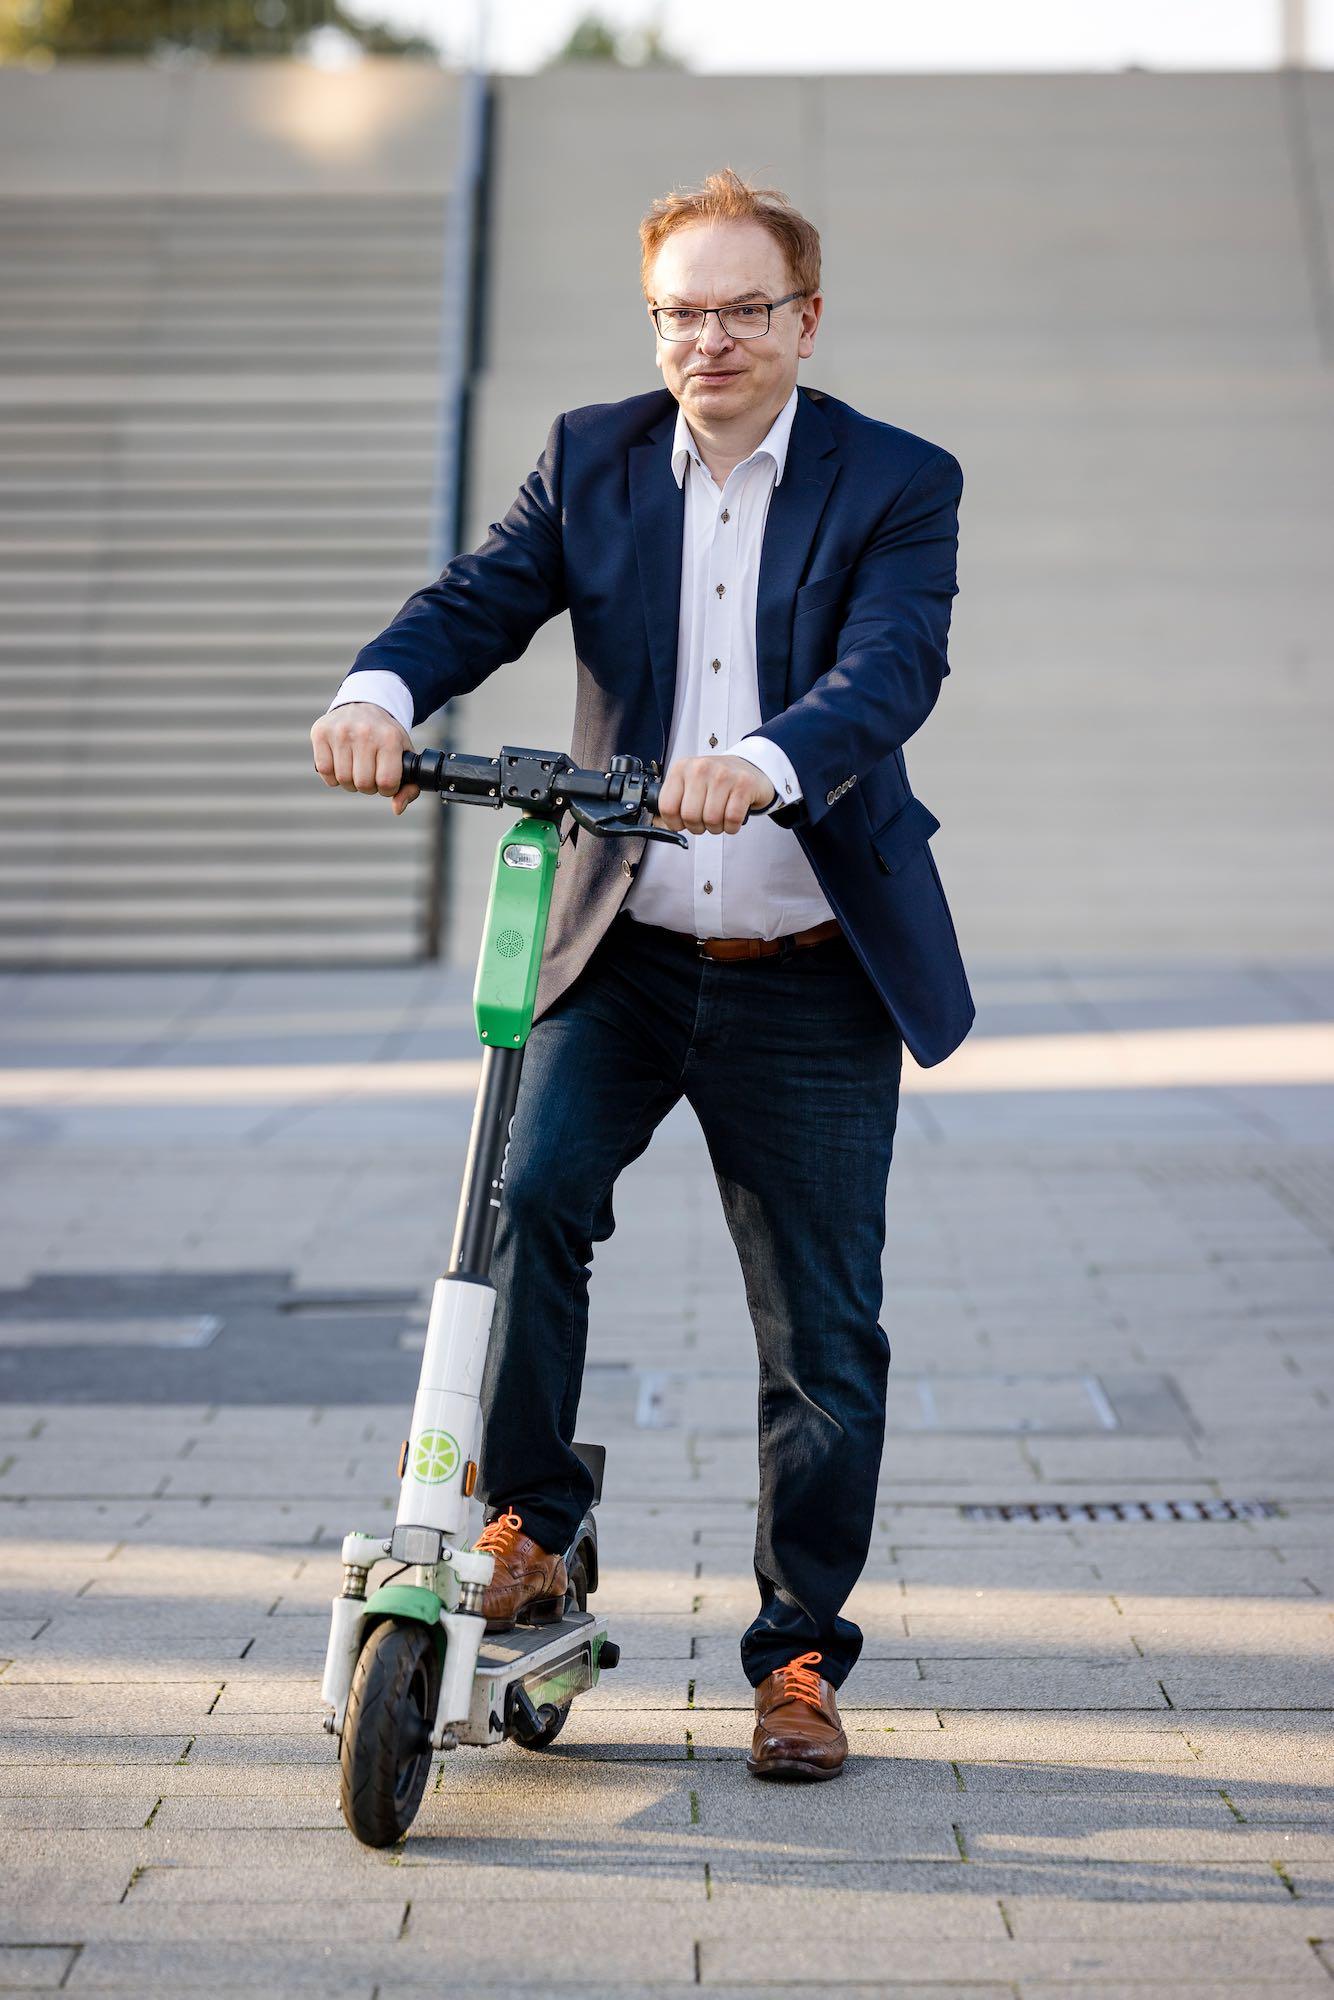 Wolfgang-Schmid-Medienhafen-mit-Scooter-1